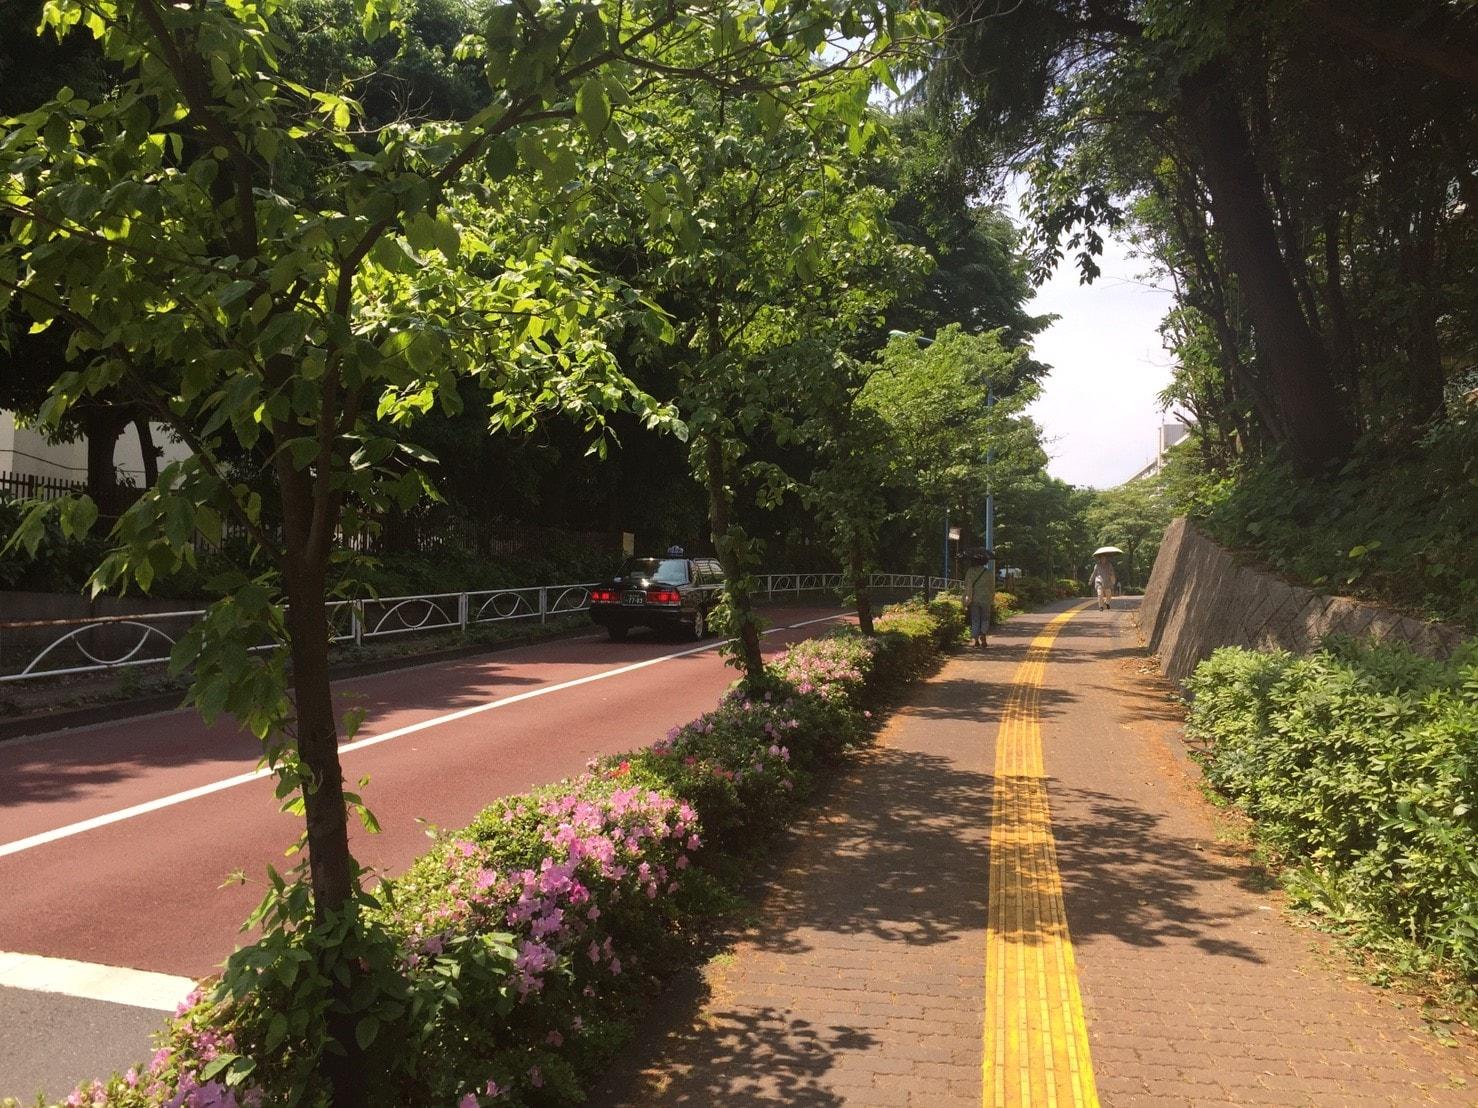 並木道になっている通りの風景